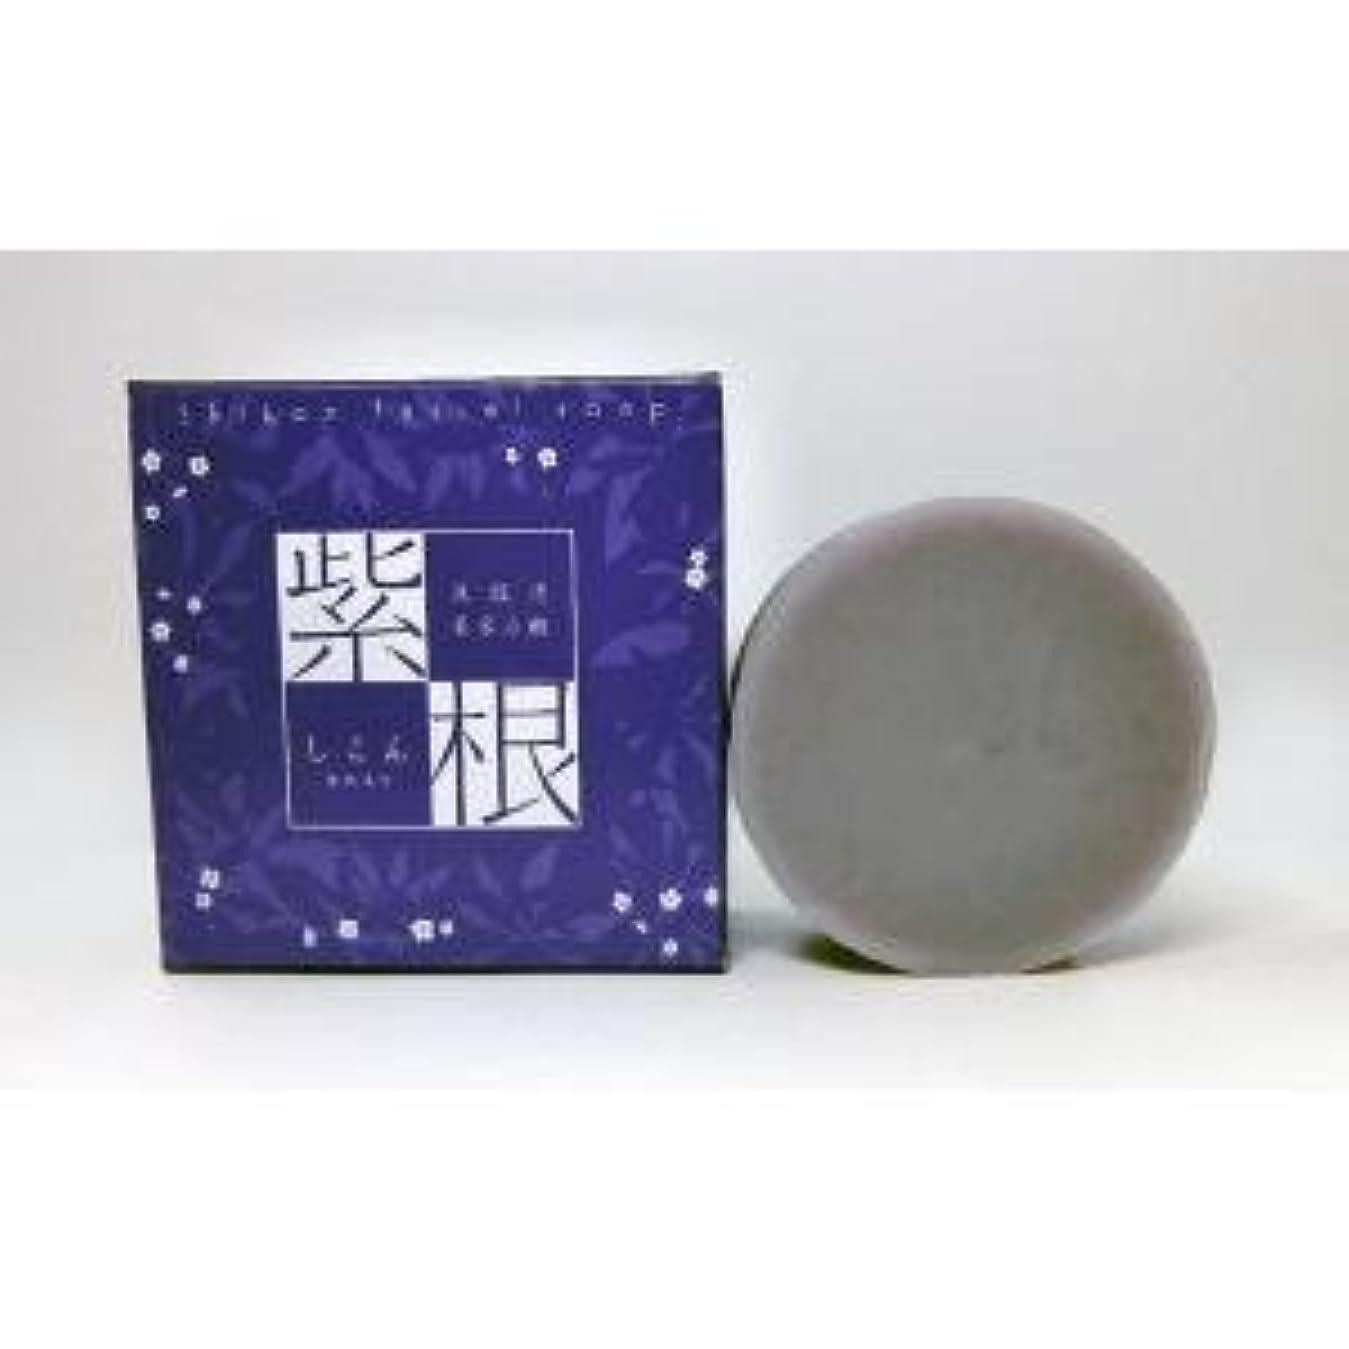 高揚した虚栄心温かい紫根石鹸 100g×5個セット